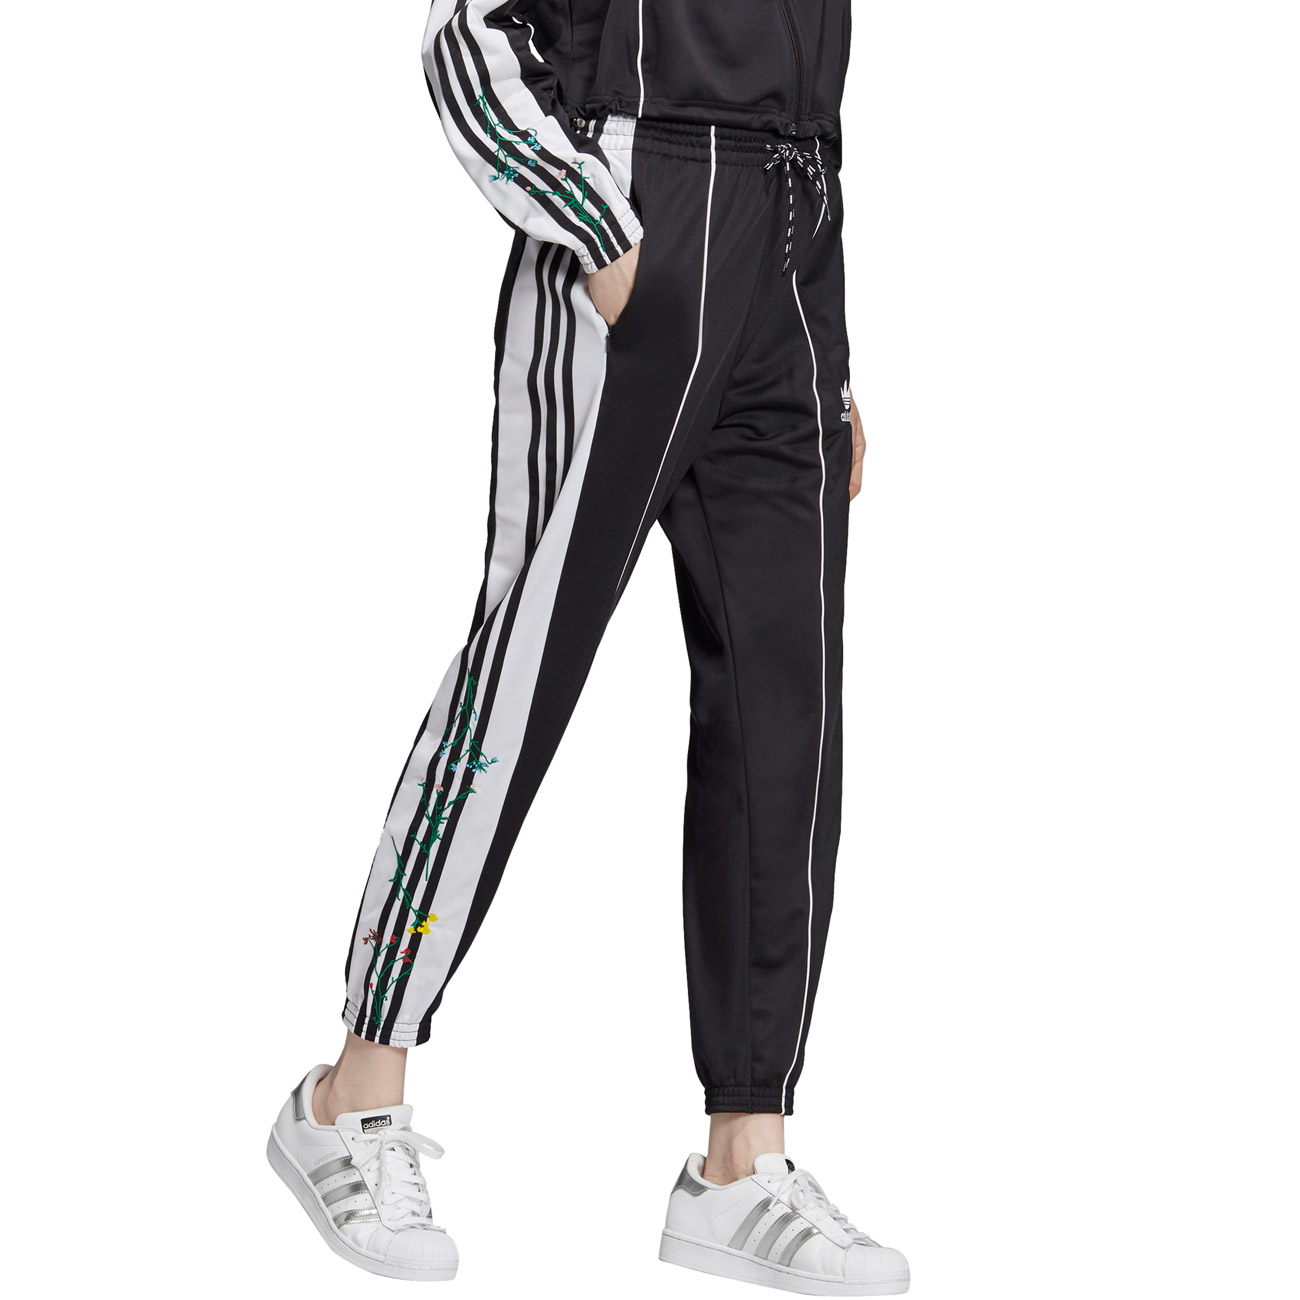 Originals Hose Adidas Damen Jogging Track Pants 0k8nOXwP